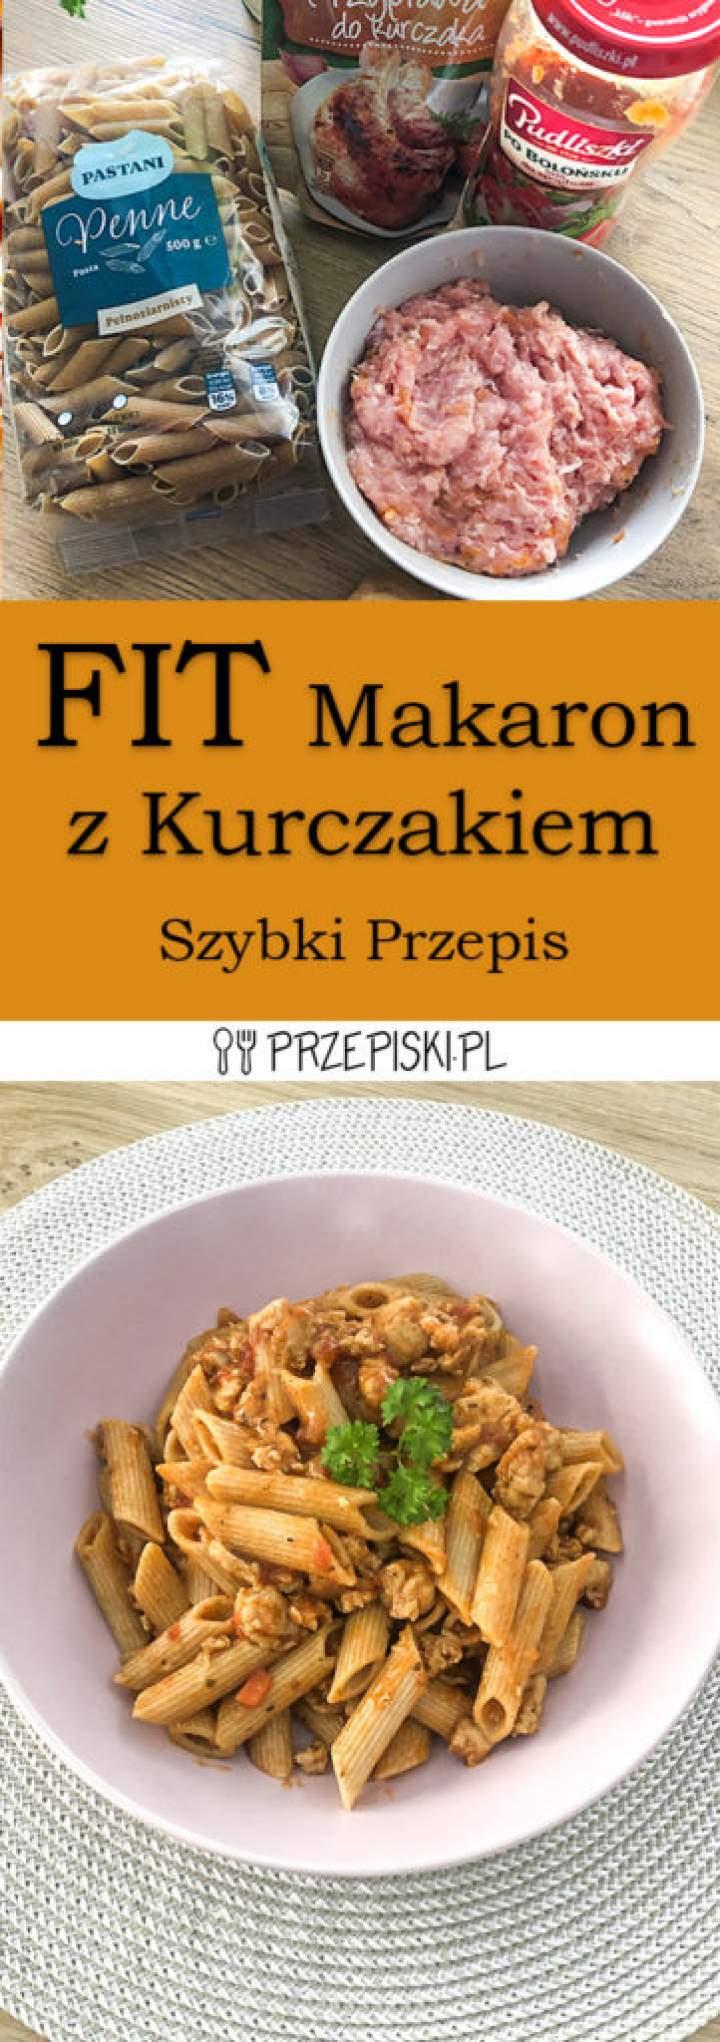 FIT Makaron z Kurczakiem w Sosie  – Szybki Przepis